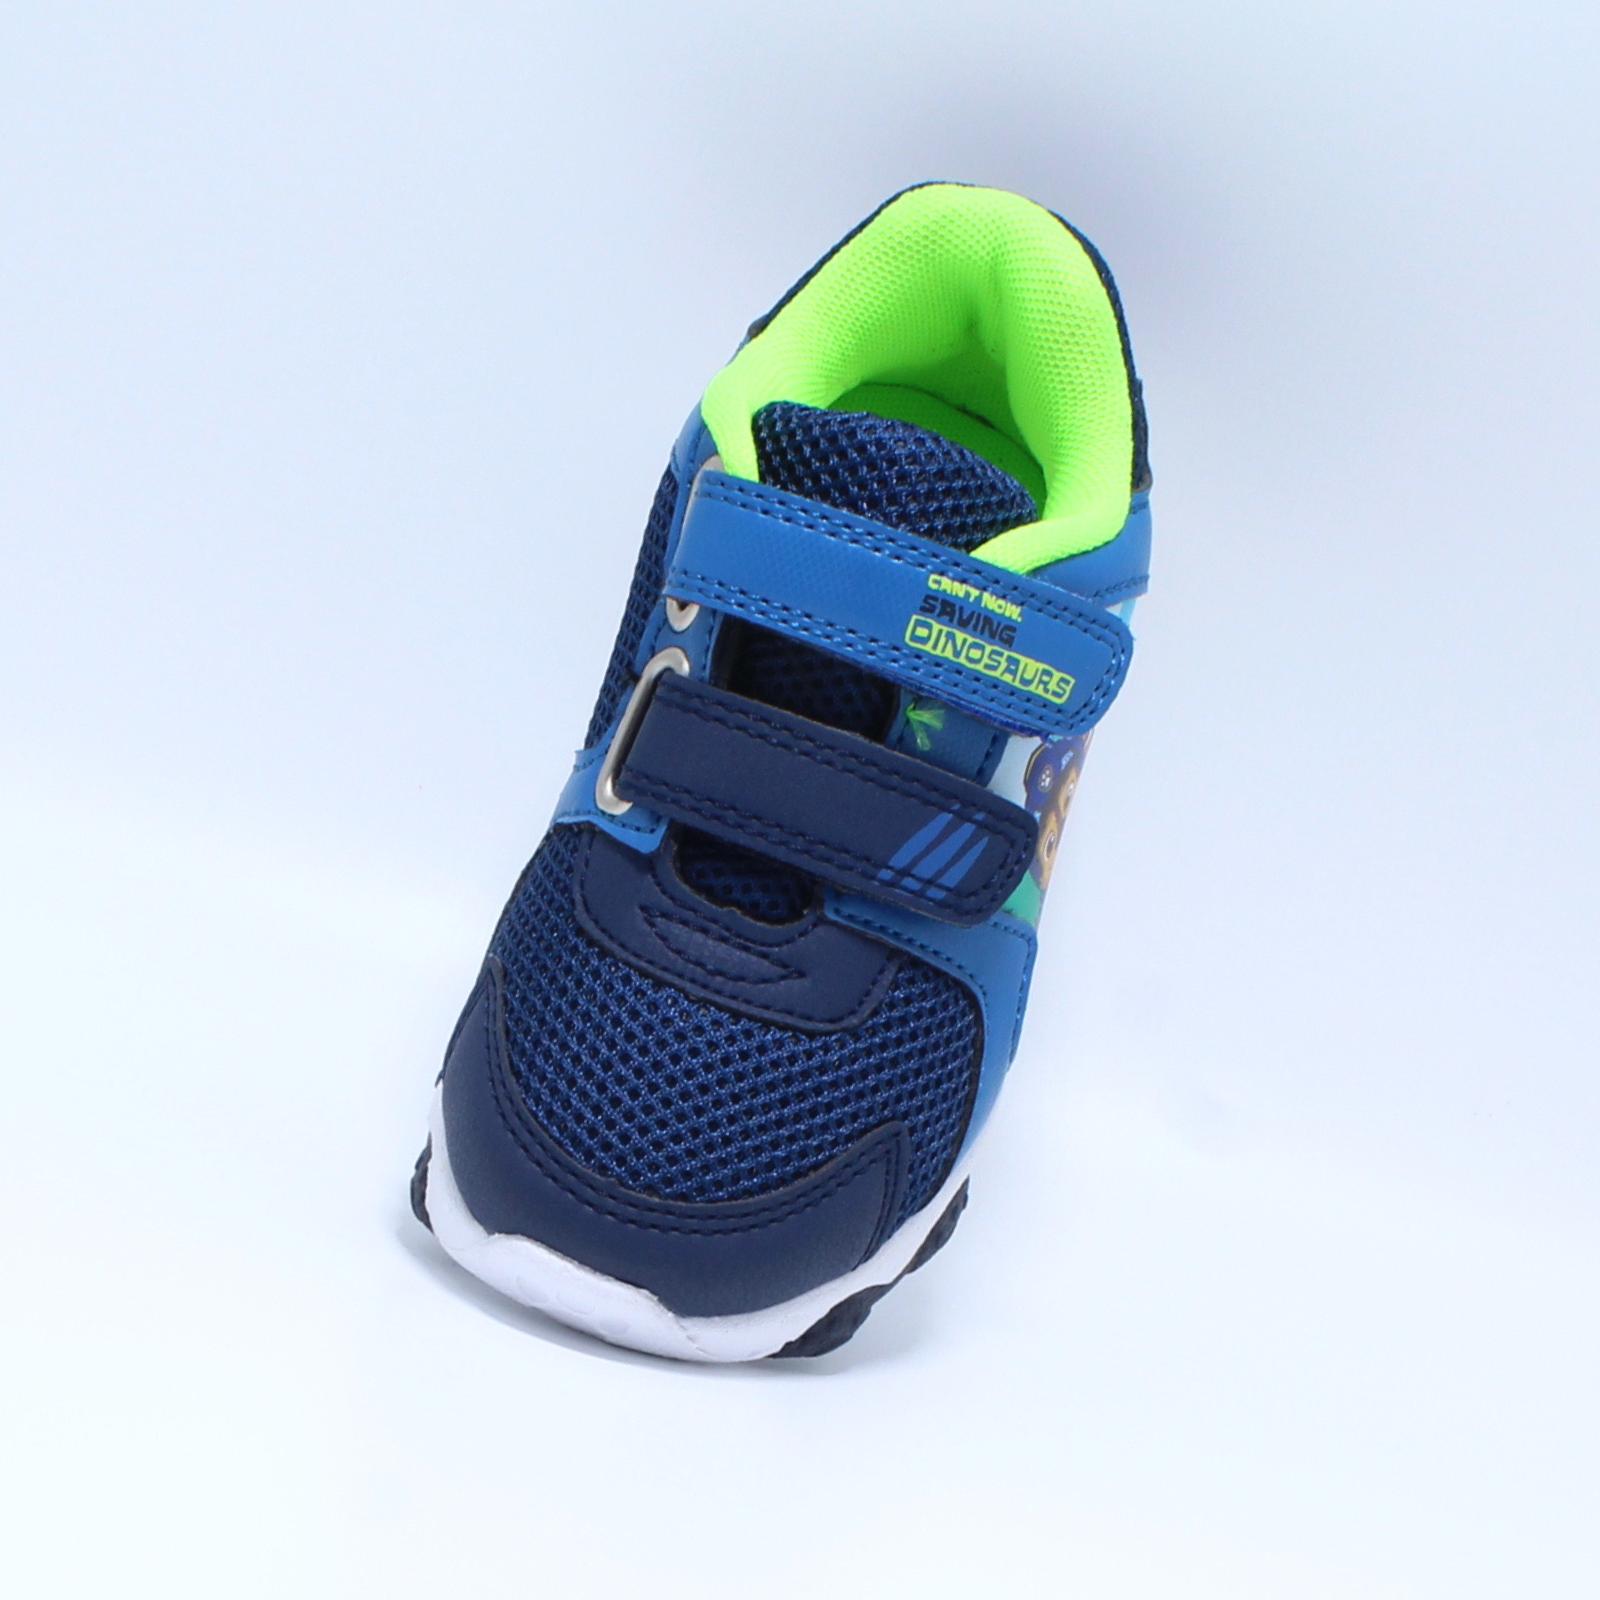 Pantofi sport cu luminite, Paw Patrol PAW7595, navy, 24-30| kiddiespride.ro